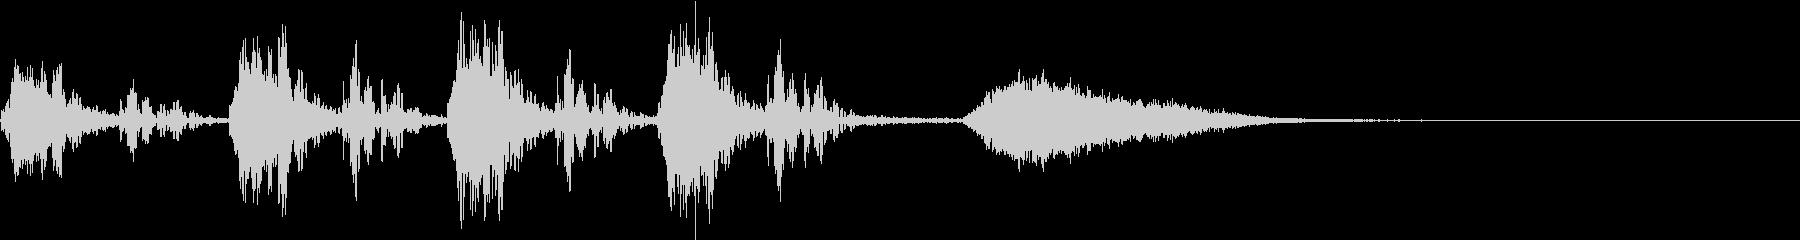 心臓の鼓動音とオーケストラヒット~失敗~の未再生の波形